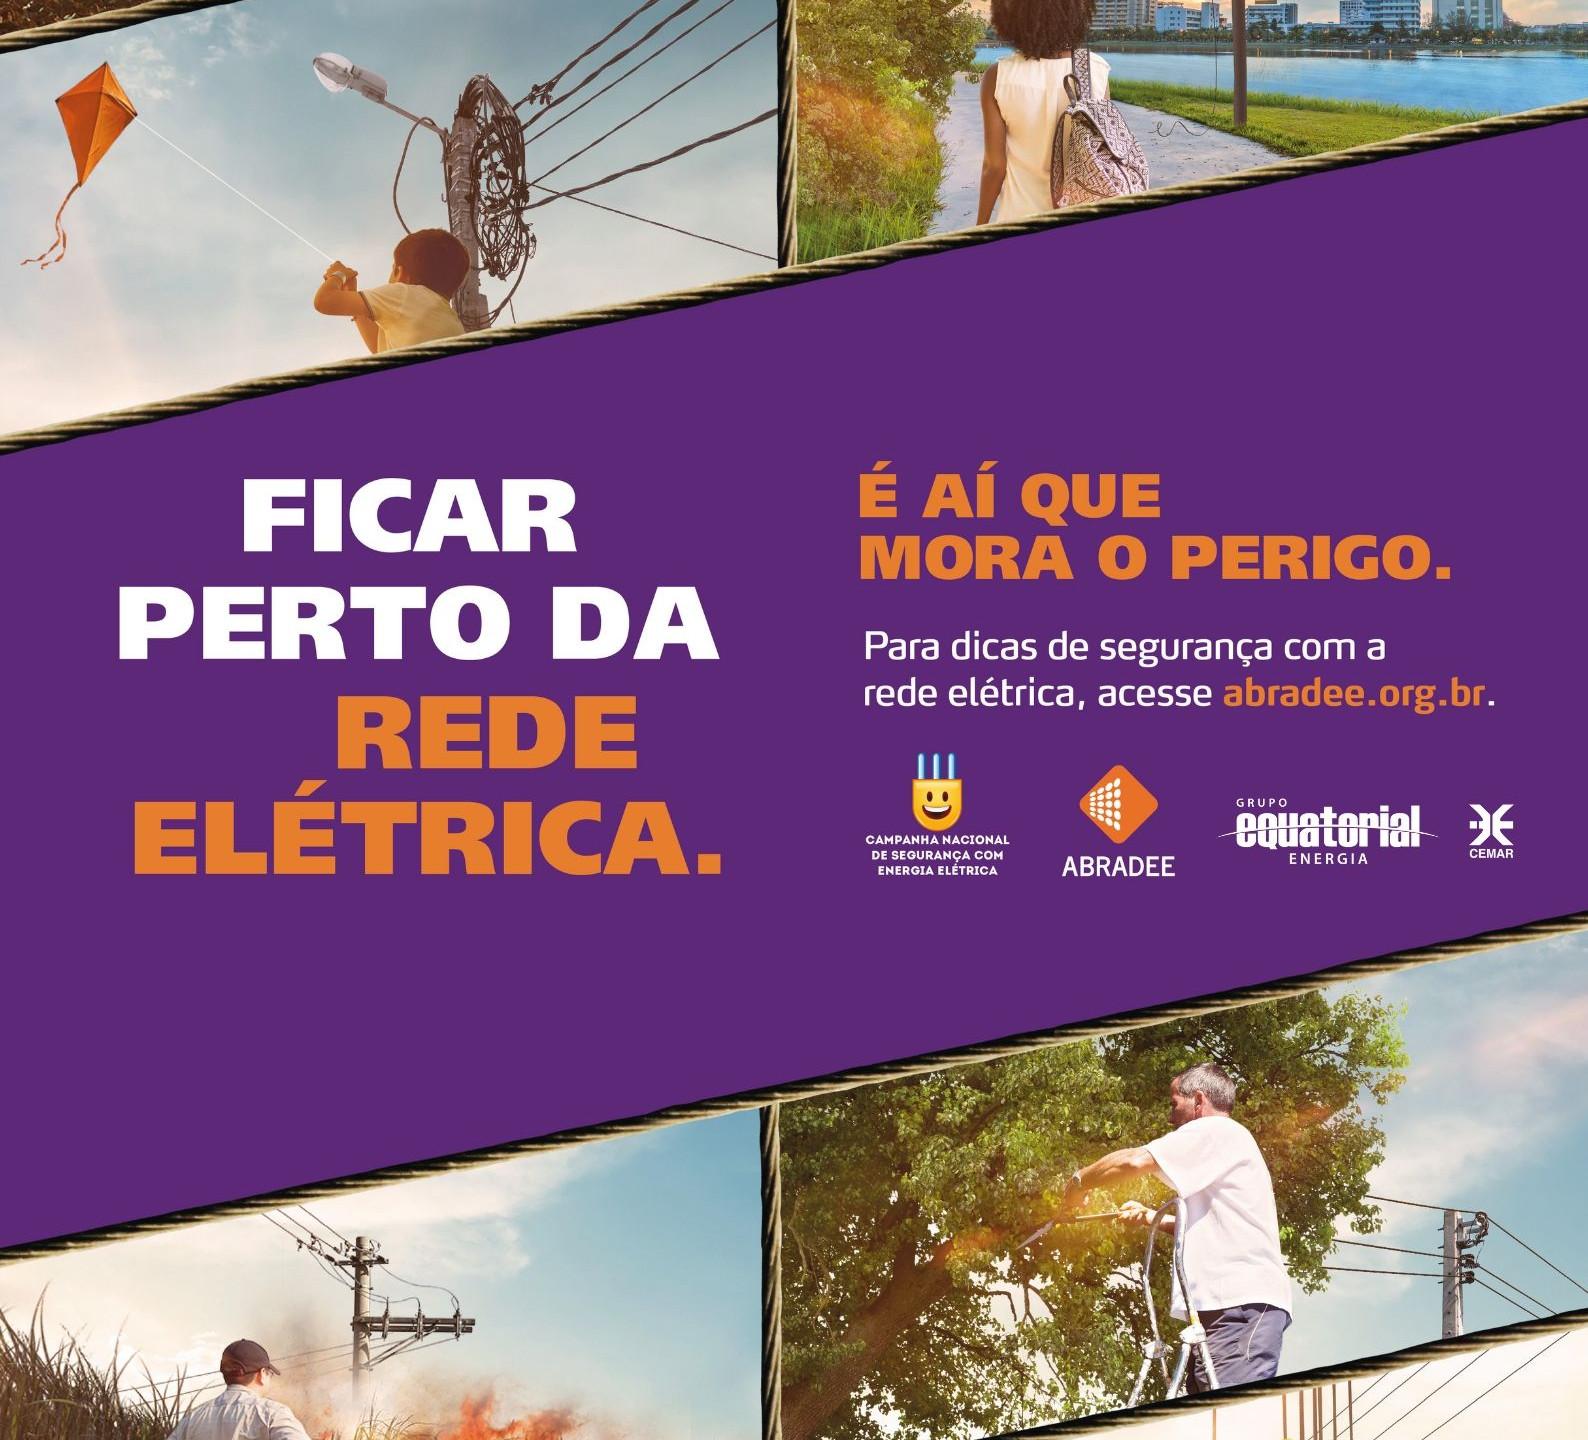 A campanha nacional da XIII Semana Nacional de Segurança com Energia Elétrica; realizada pela Associação Brasileira de Distribuidores de Energia Elétrica (Abradee) é importante para alertar a todos sobre os riscos com a rede elétrica.